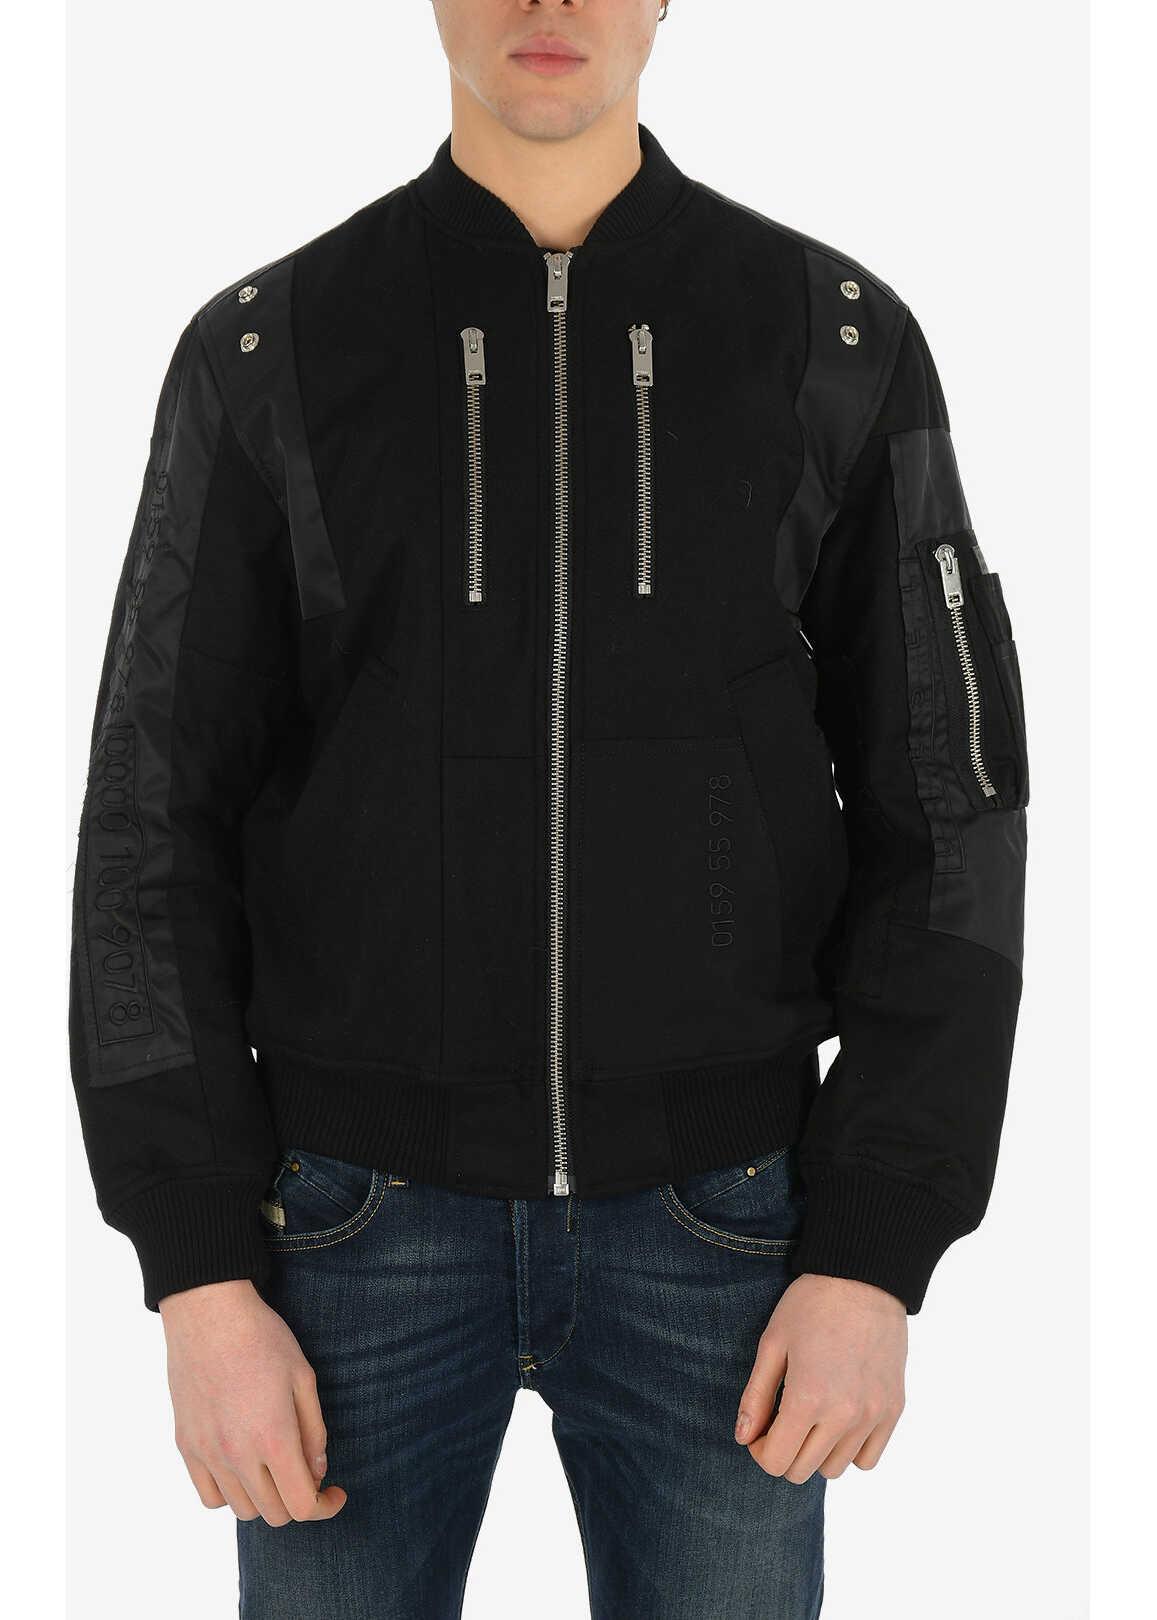 Diesel Wool W-GARBO Jacket with Zip Closure BLACK imagine